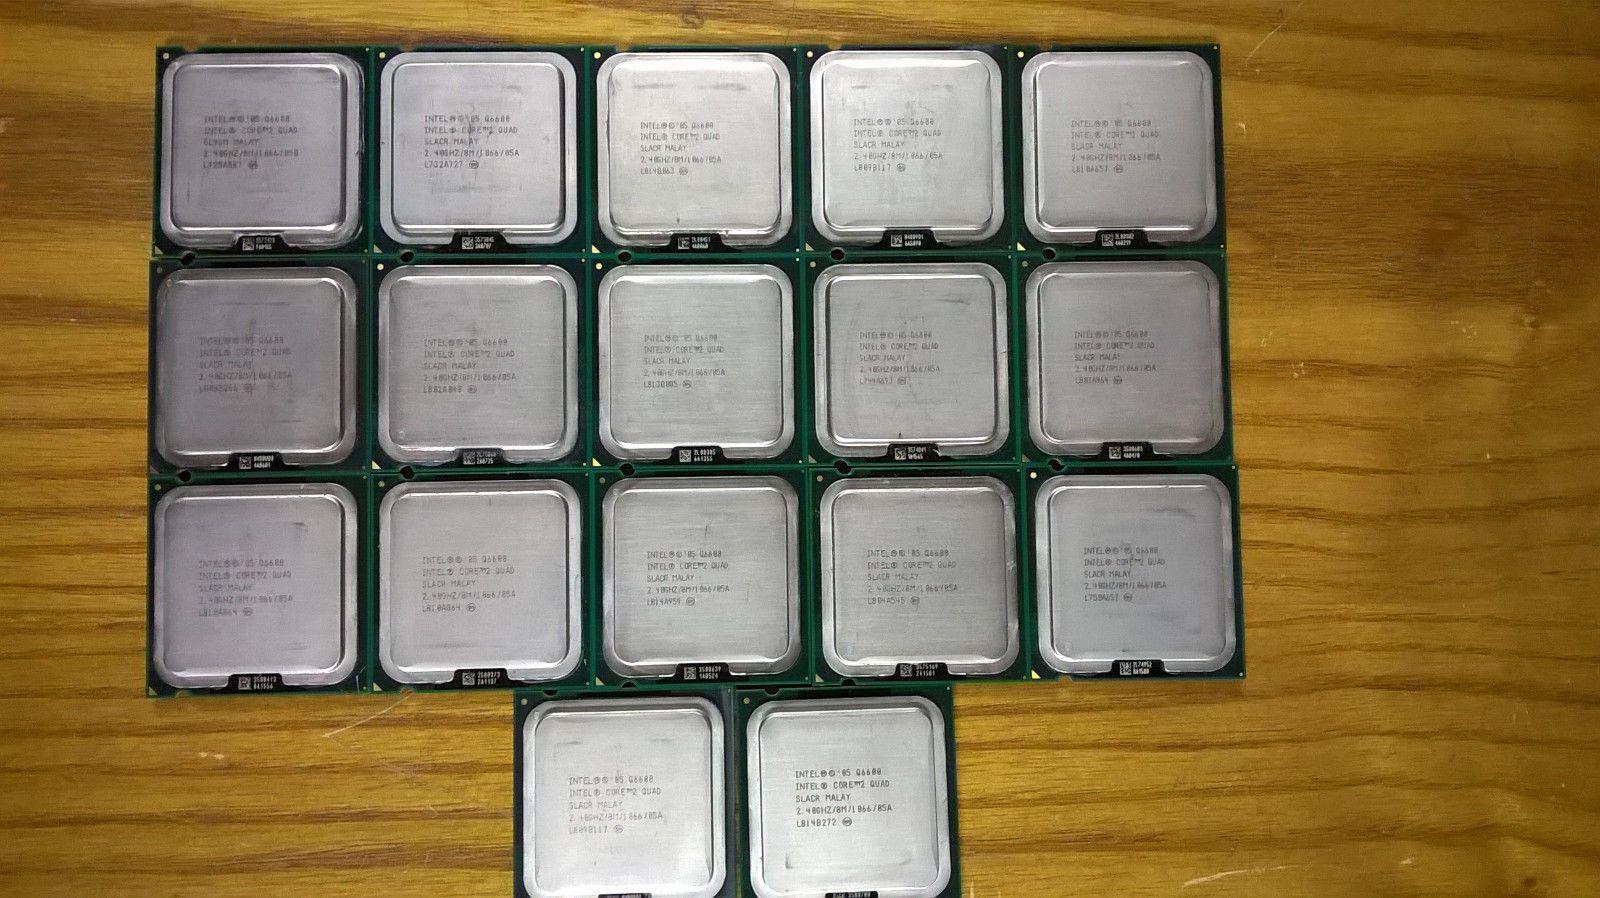 17 Intel Core 2 Quad Q6600 240ghz 8m 1066 Slacr Sl9um Cpus